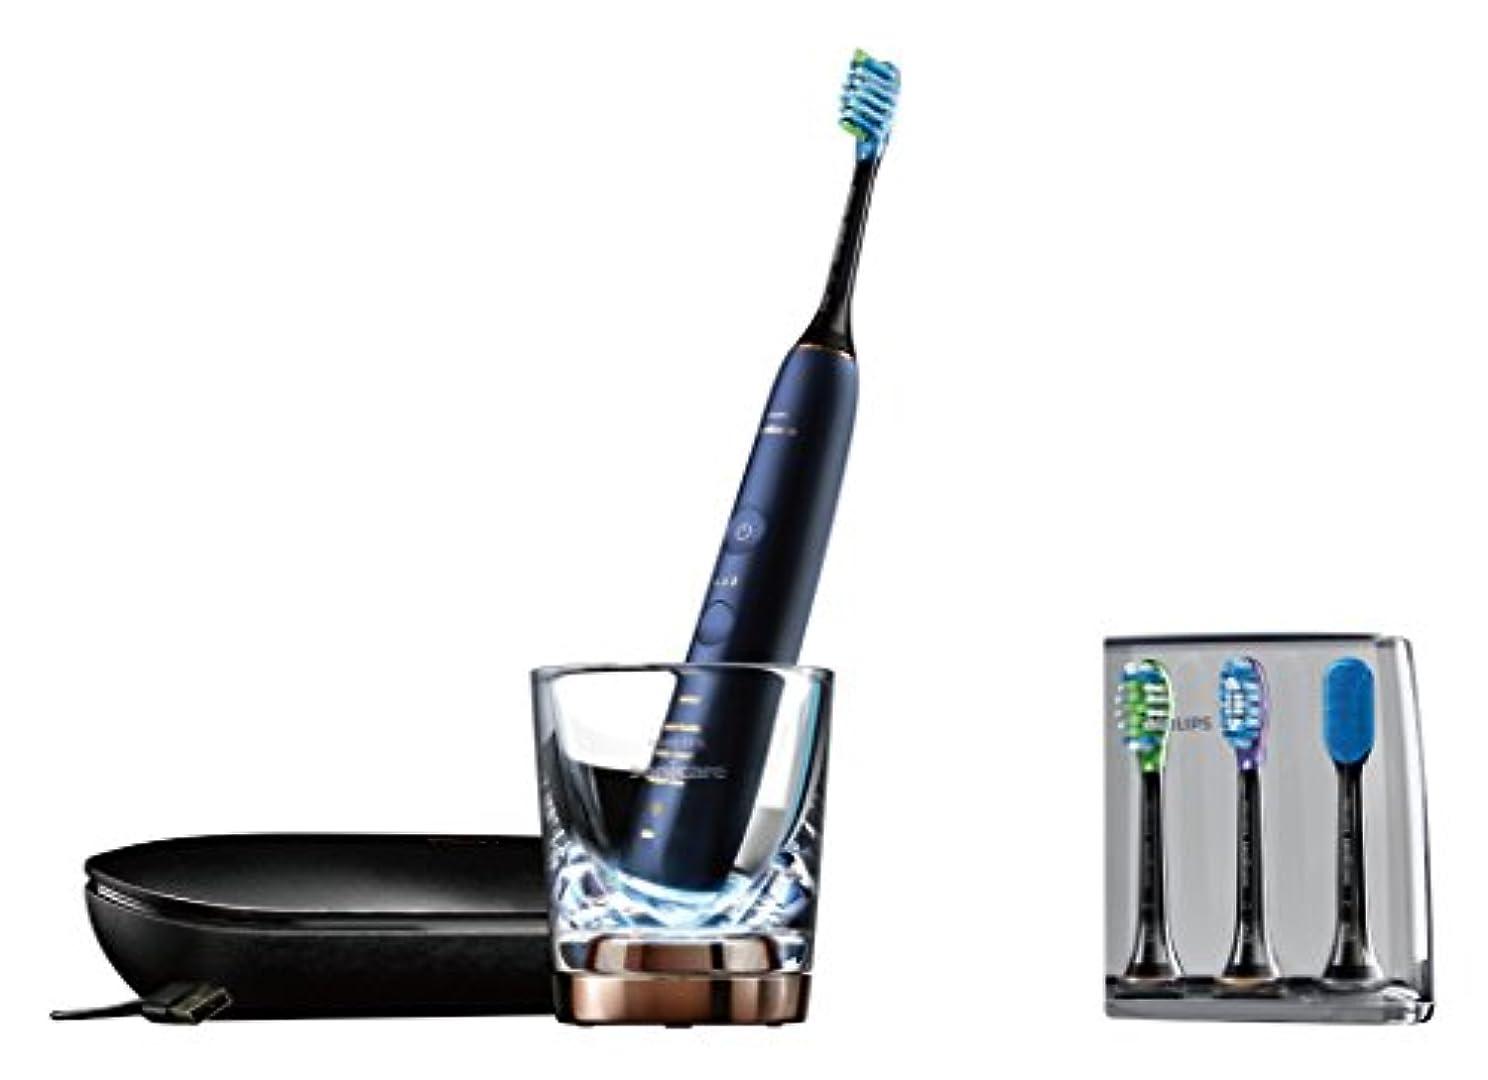 付添人伝導率アクセルフィリップス ソニッケアー ダイヤモンドクリーン スマート 電動歯ブラシ ルナーブルー HX9964/55